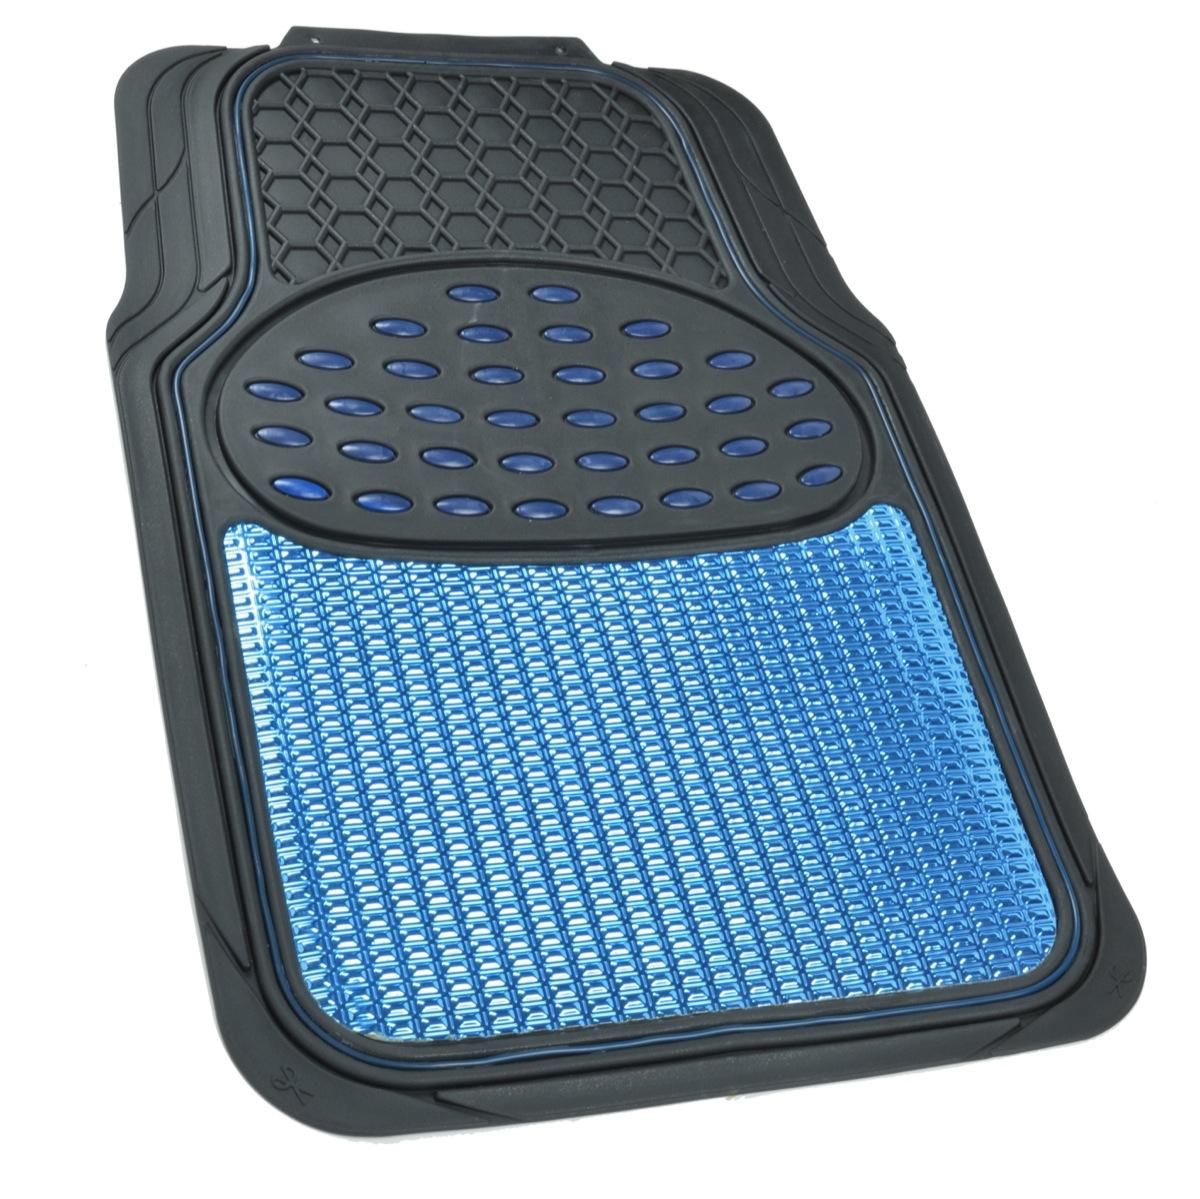 Aluminum Metallic Trimmable Rubber Car Floor Mat Blue